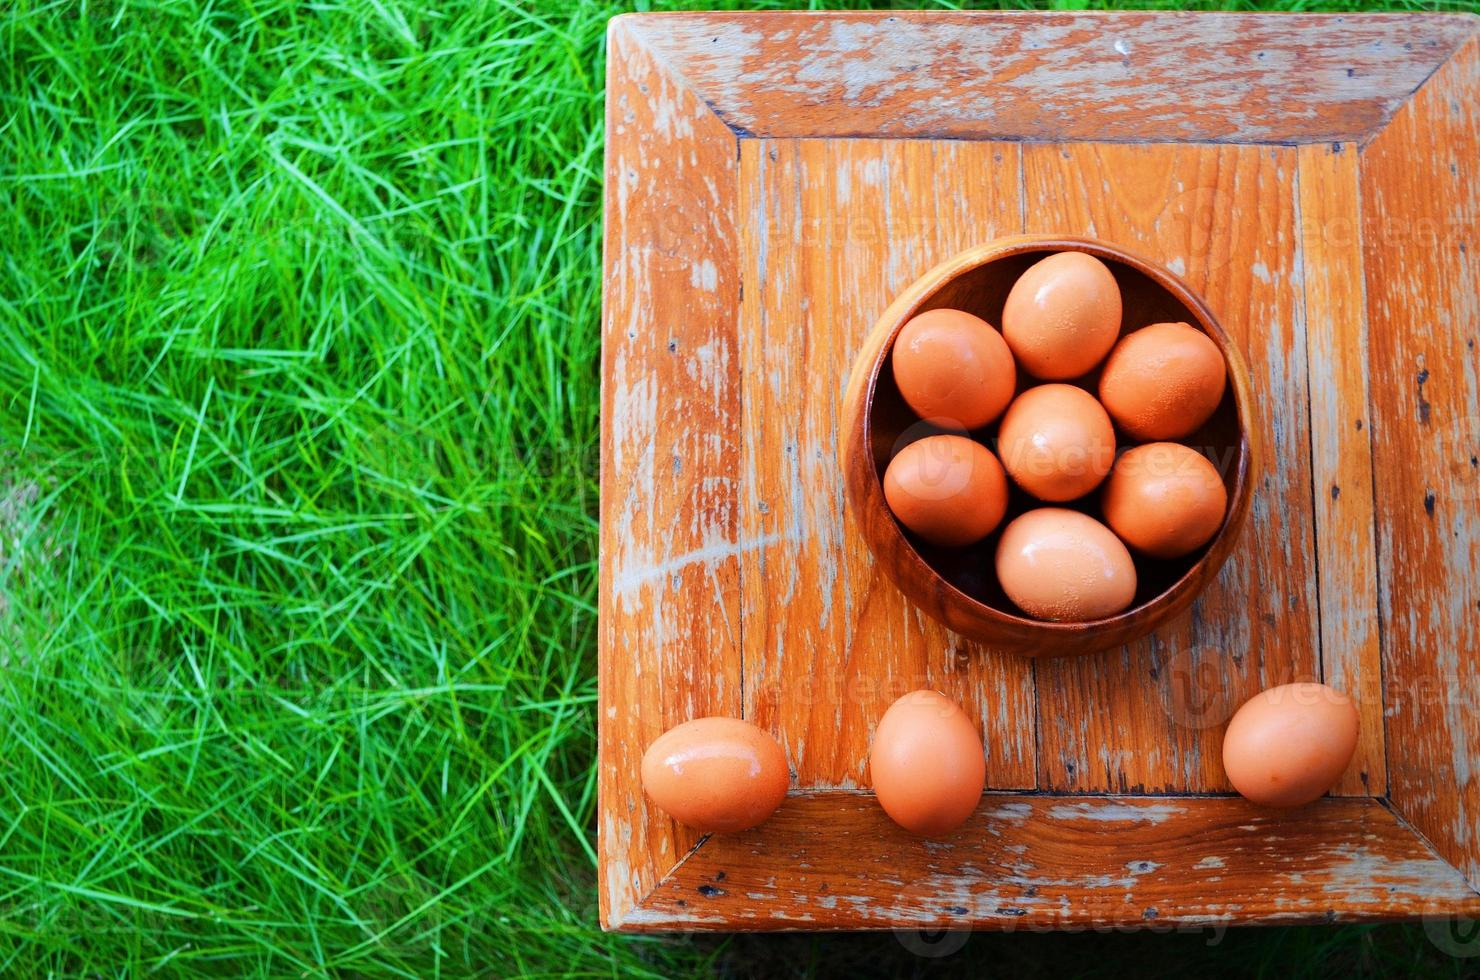 des œufs photo